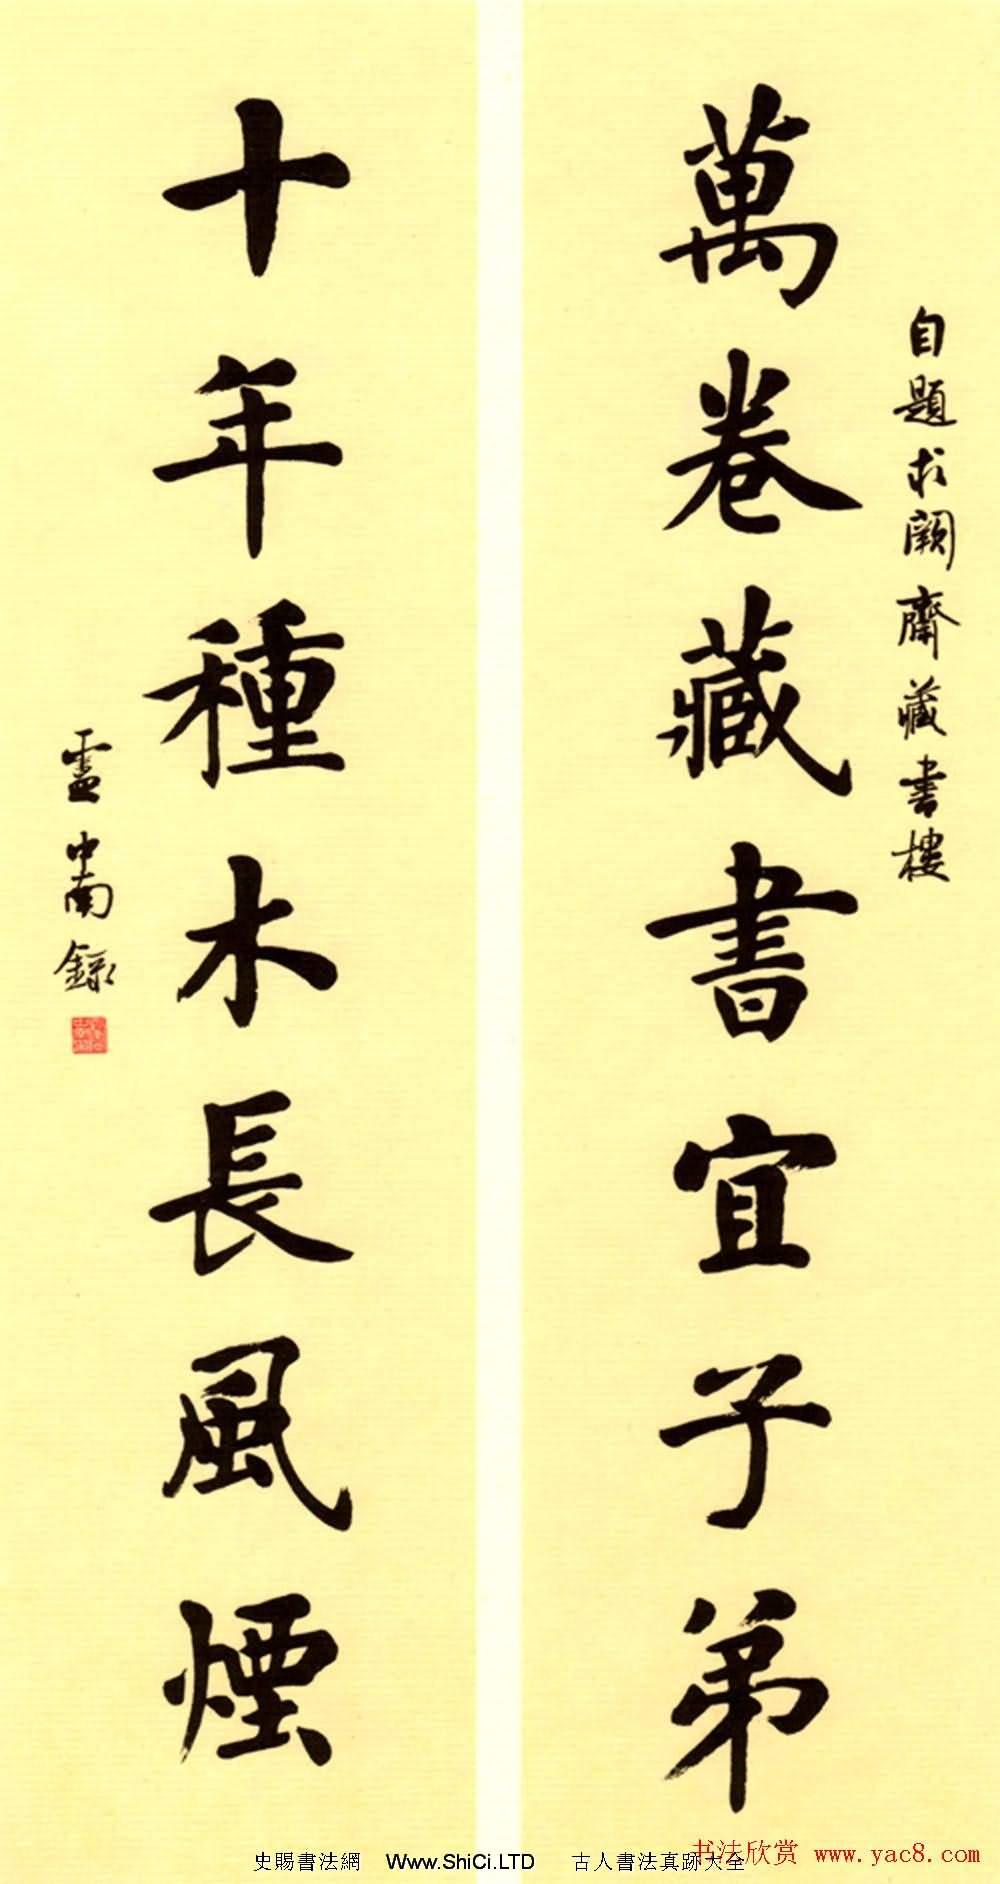 盧中南書法對聯曾國藩嘉聯鈔